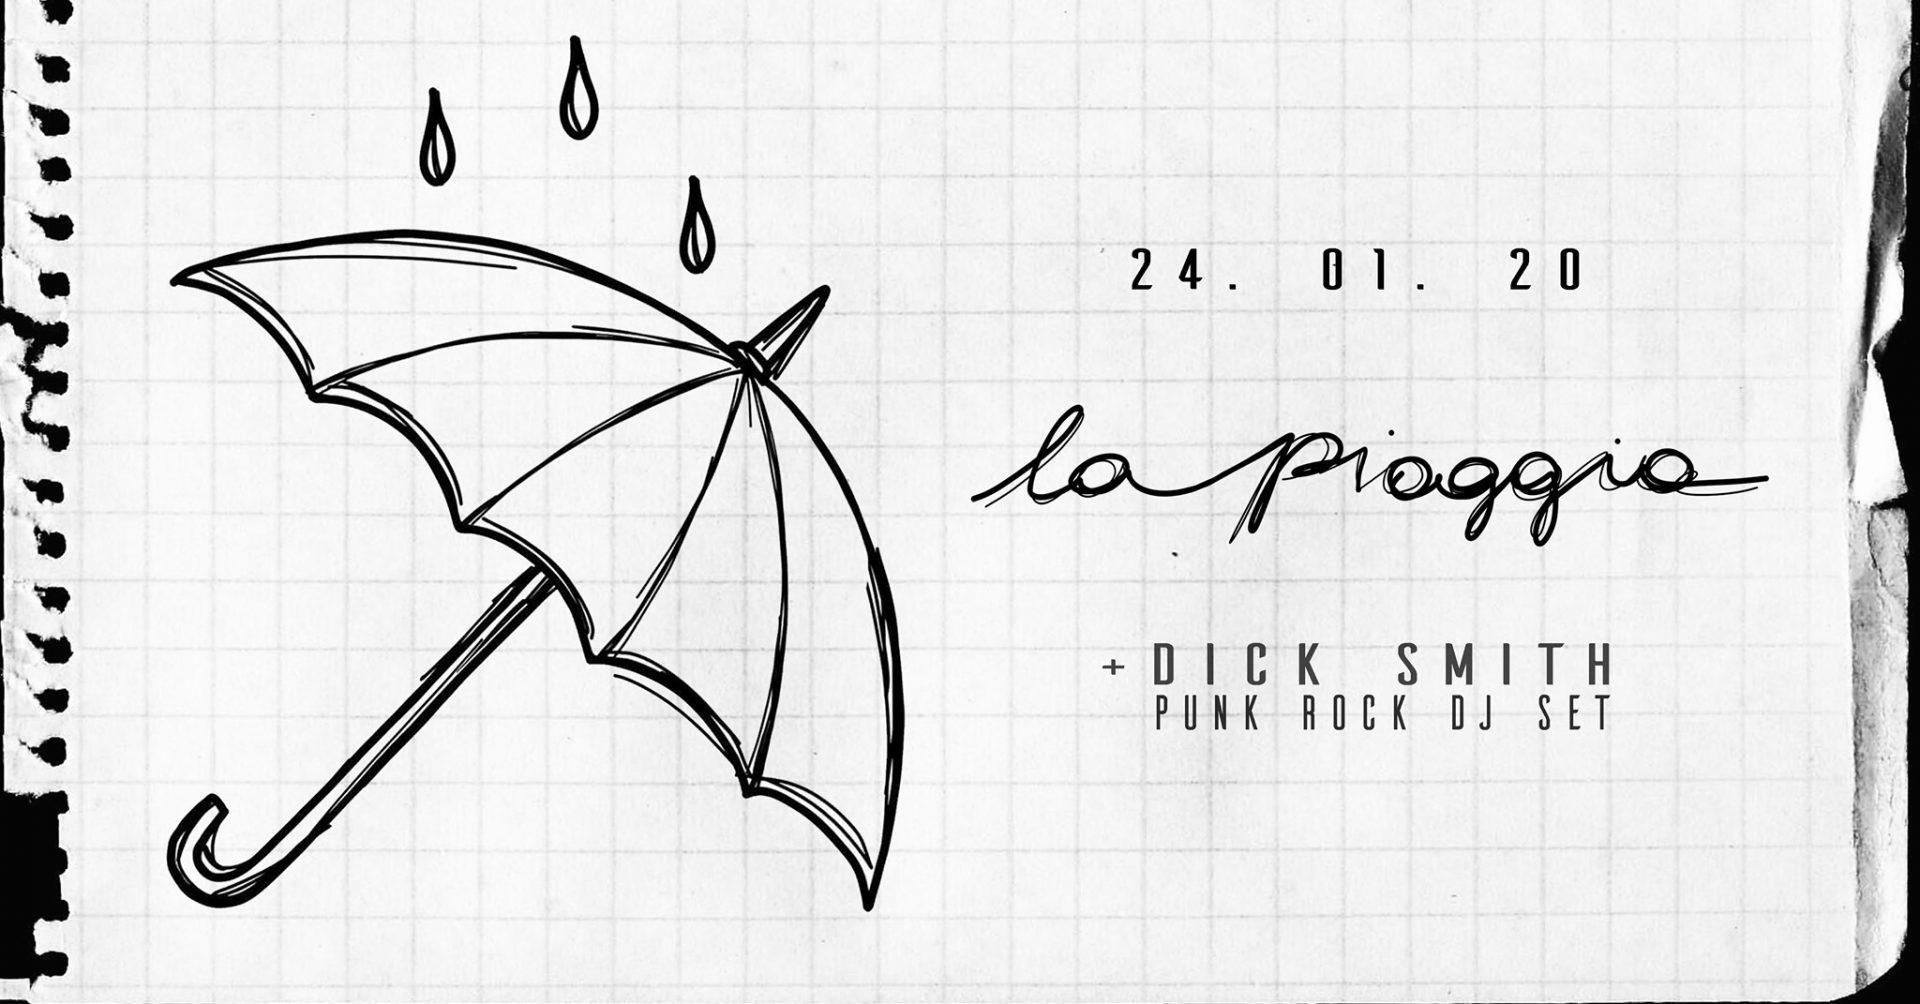 Repeater - La Pioggia - Old Square - Cagliari - 24 gennaio 2020 - eventi - 2020 - Sa Scena Sarda